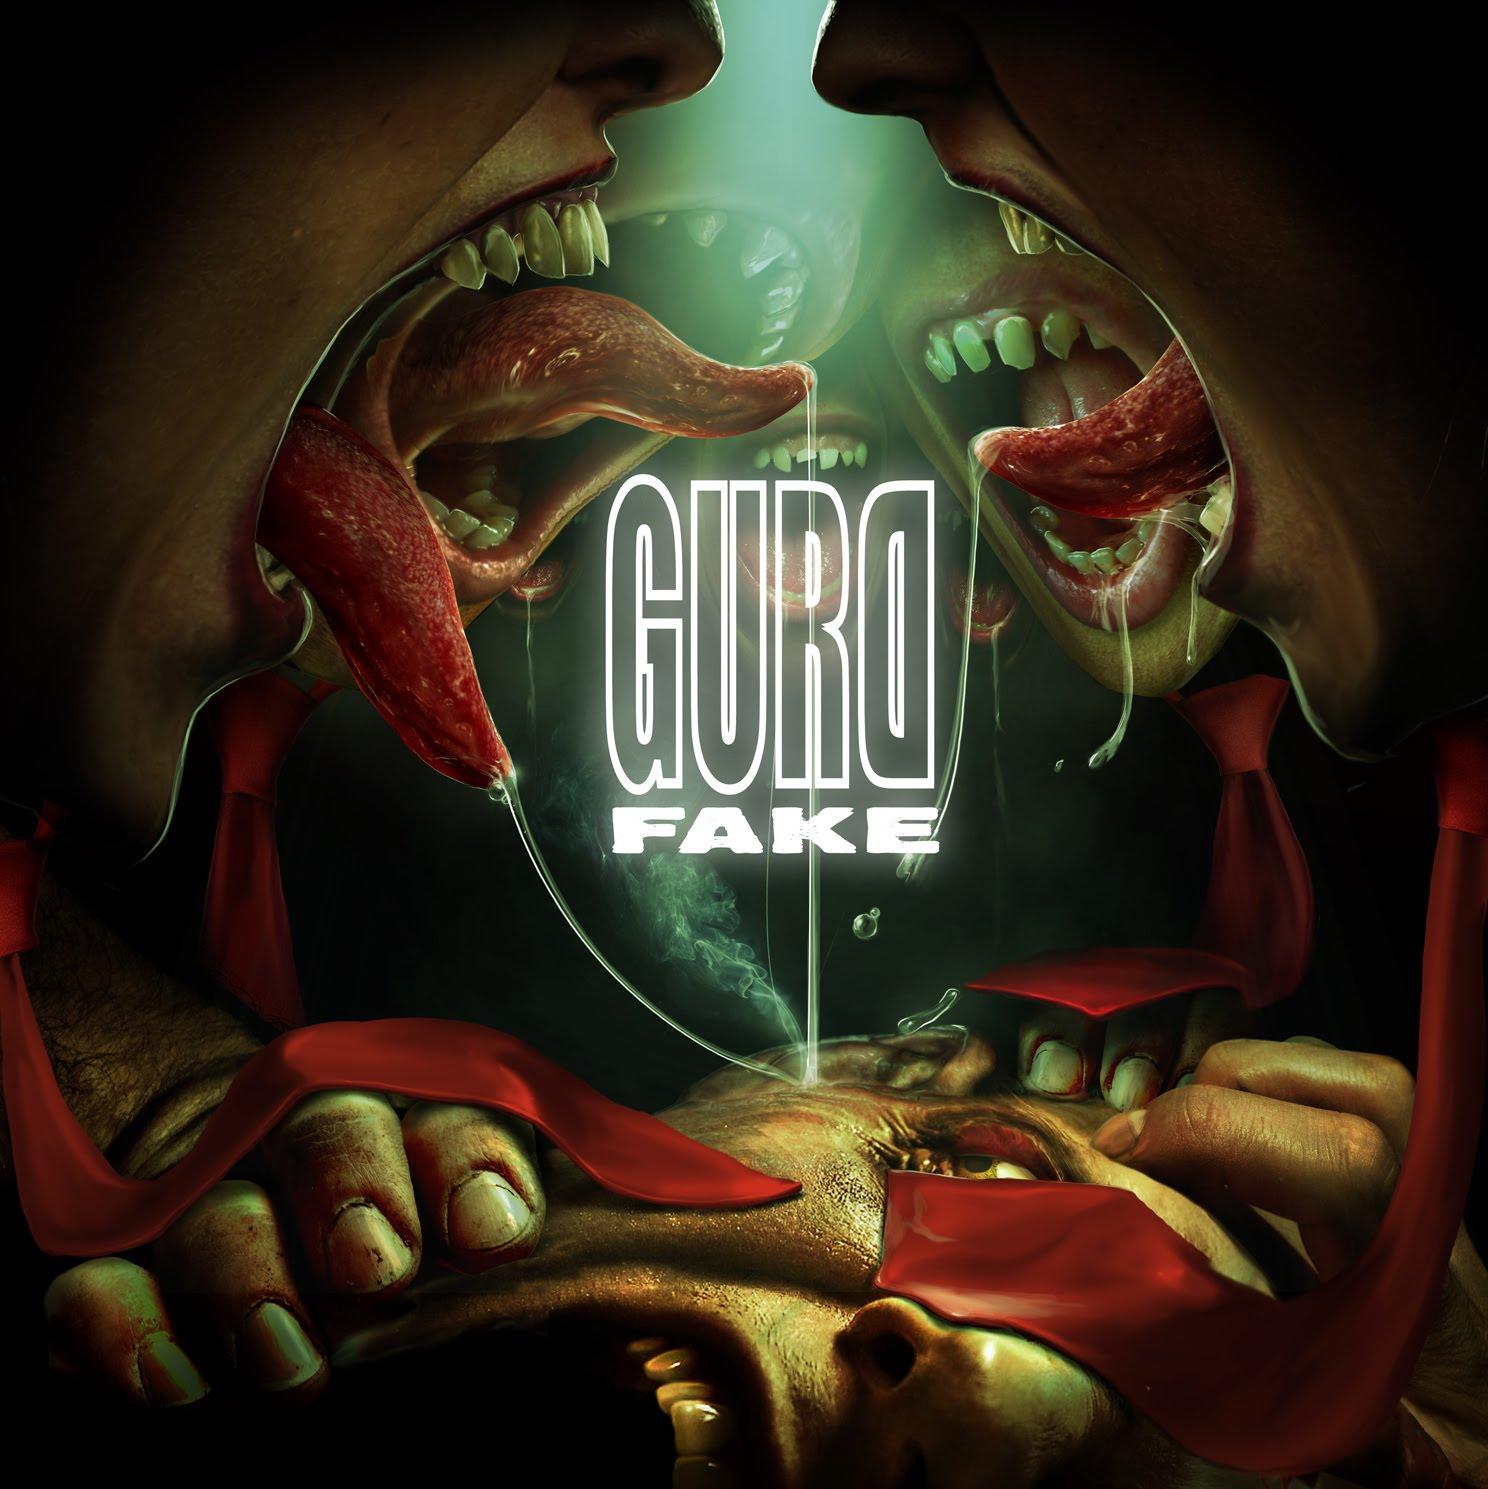 Die neuen Metal-Alben im Januar 2015 - Gurd FAKE